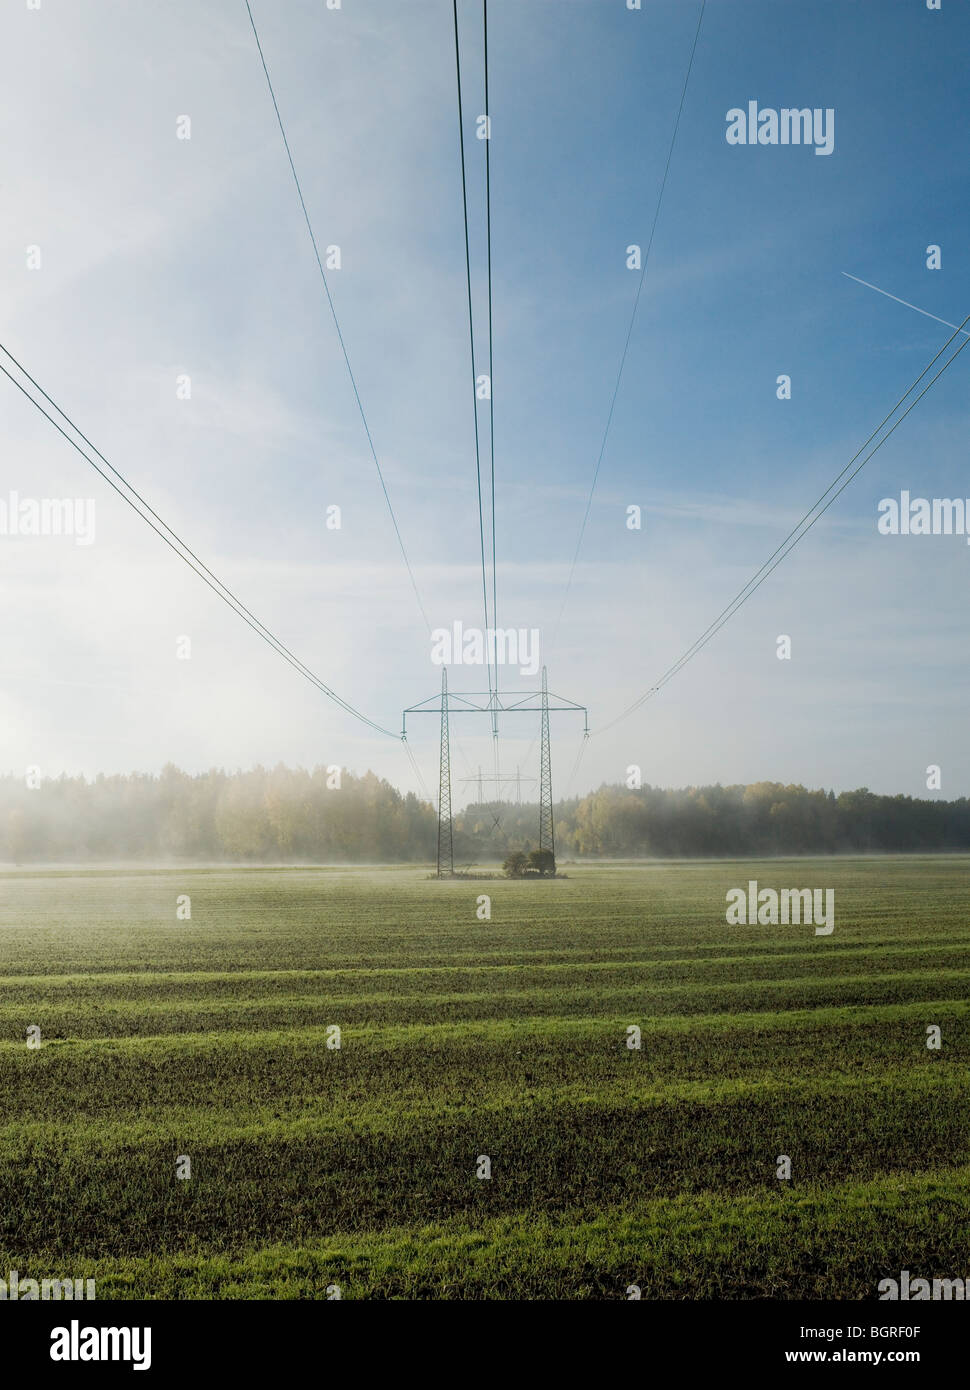 Las líneas eléctricas por encima de un campo de niebla, Suecia. Imagen De Stock